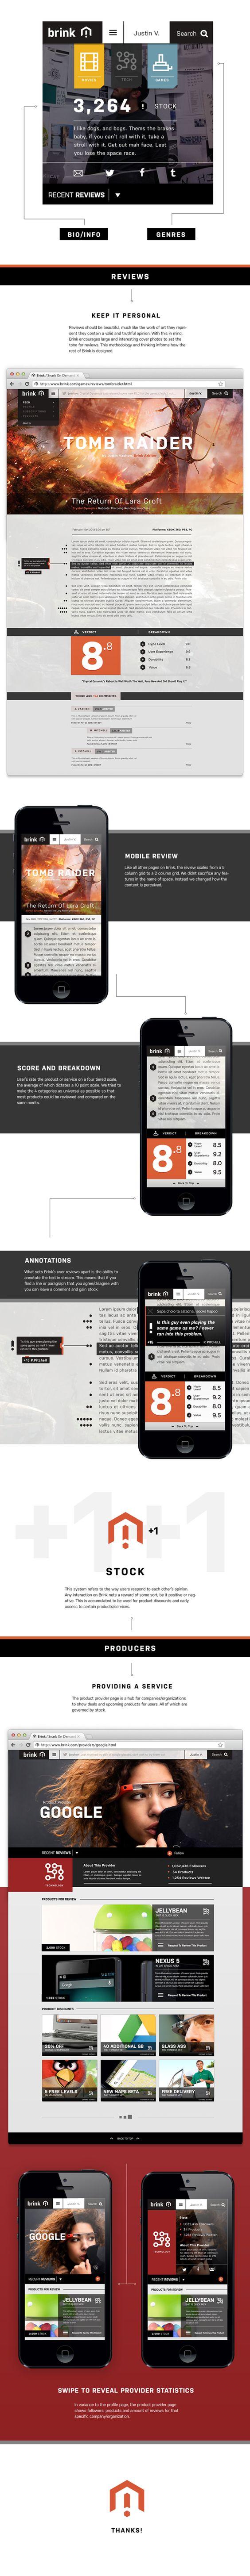 Brink | Designer: Justin Vachon #desin #webdesign #website #clean #designer #inspiration #concept